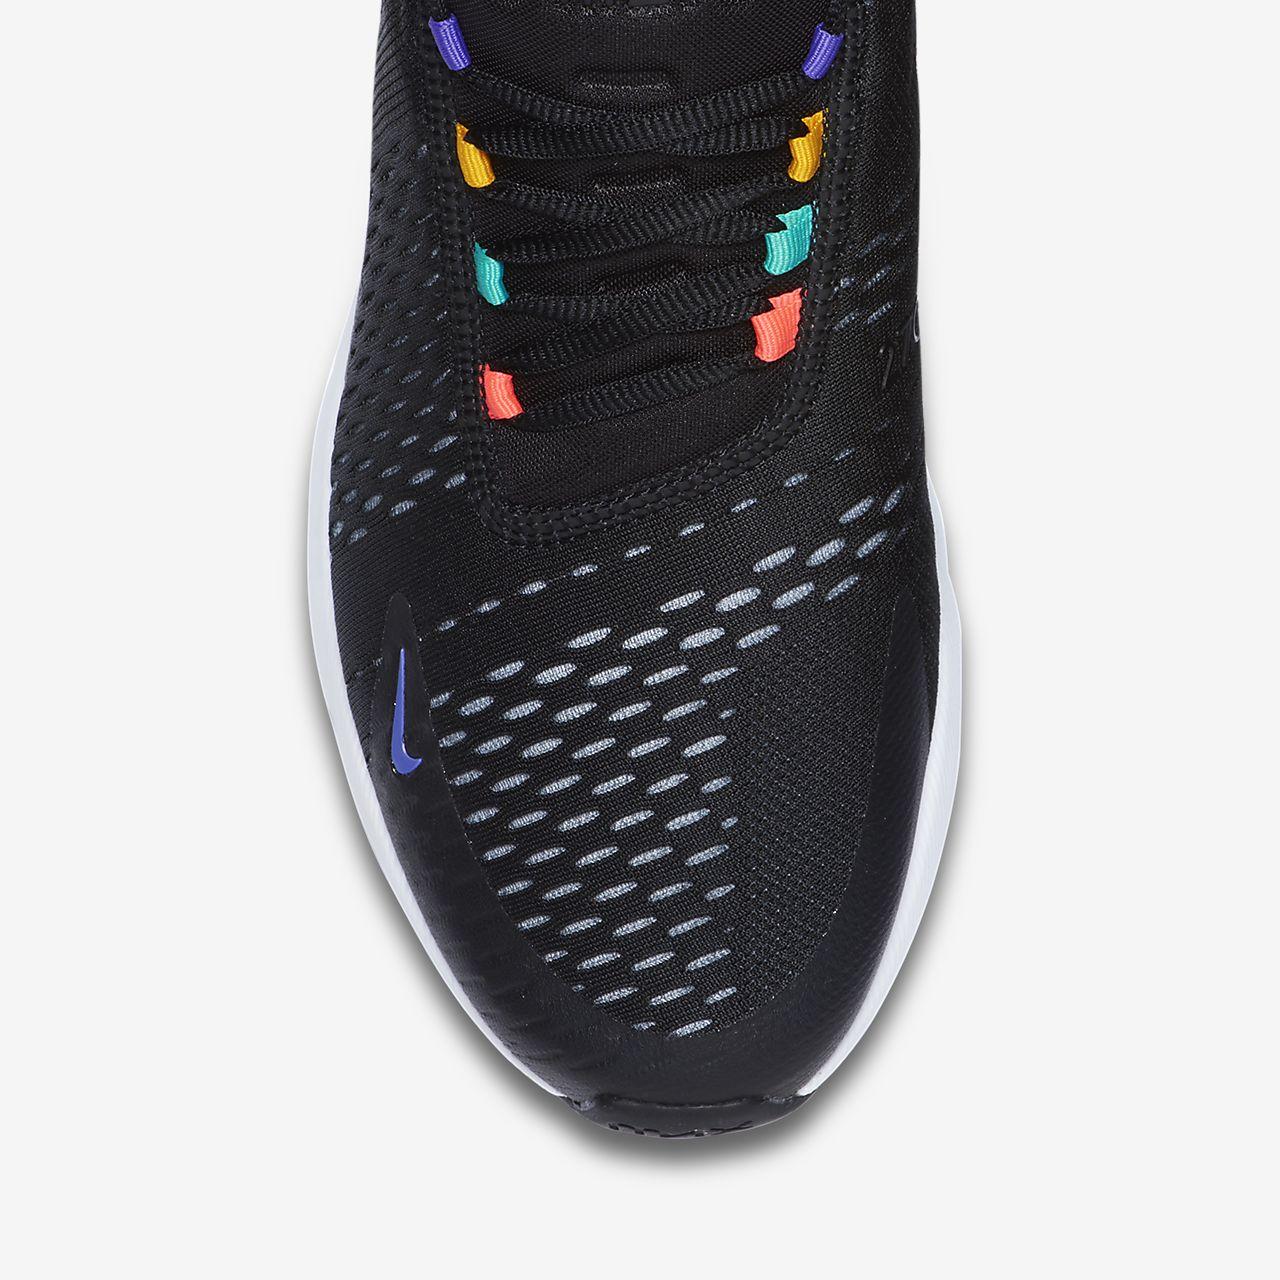 Nike Air Max 270 Mens Trainers Gold Black 9 UK